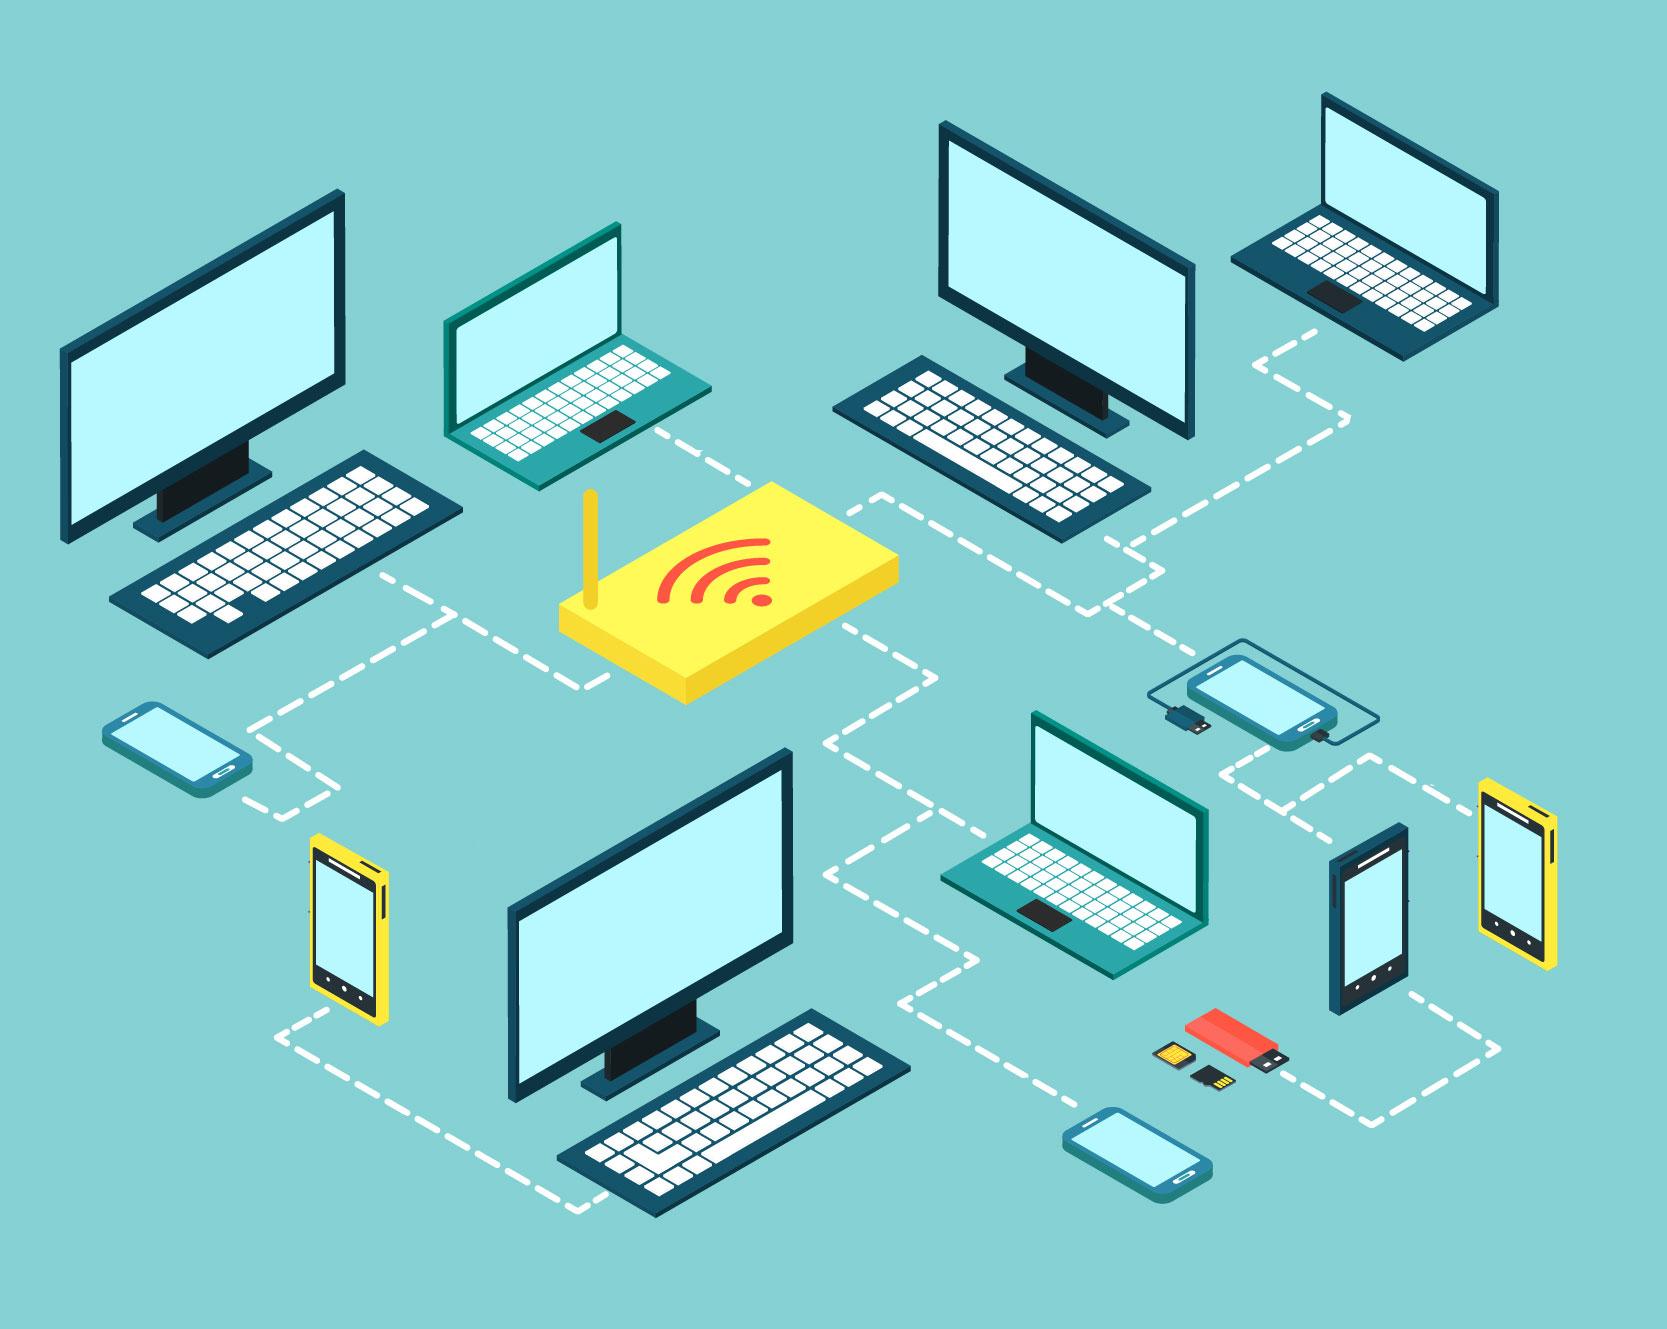 Netzwerkinstallation., Netzwerkverkabelung, Installation der Netzwerkdosen